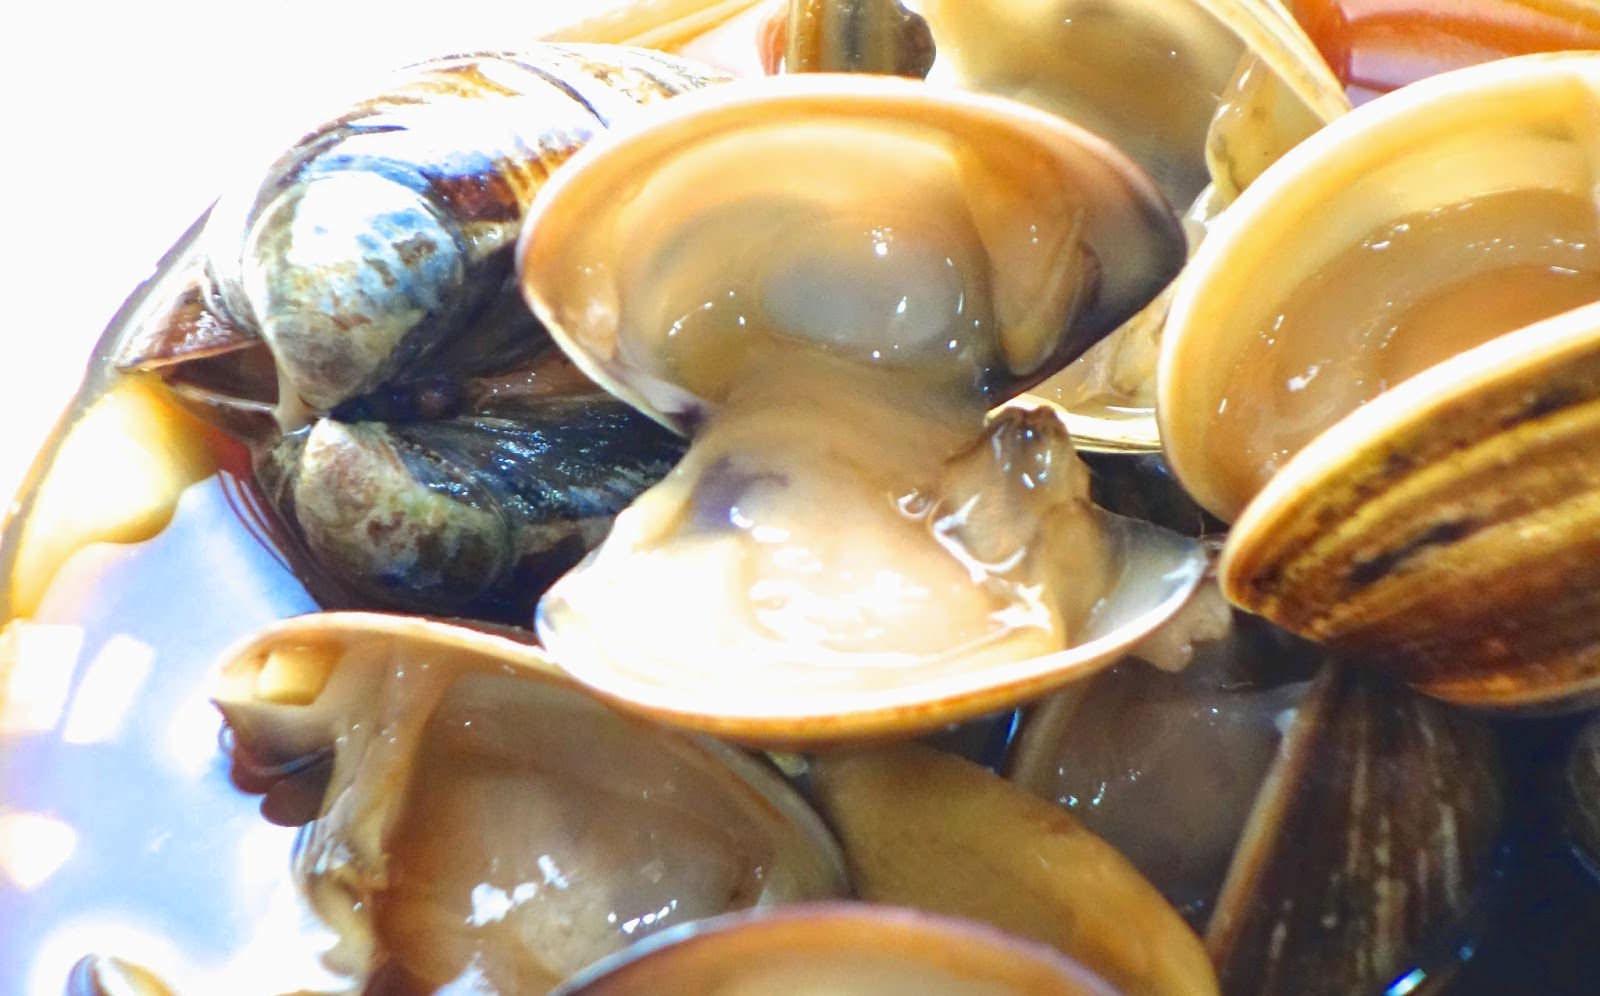 「 3 分鐘教你用冷凍法學會鮮醃蛤蜊」簡單小技巧,讓蛤蜊更肥美鮮甜!